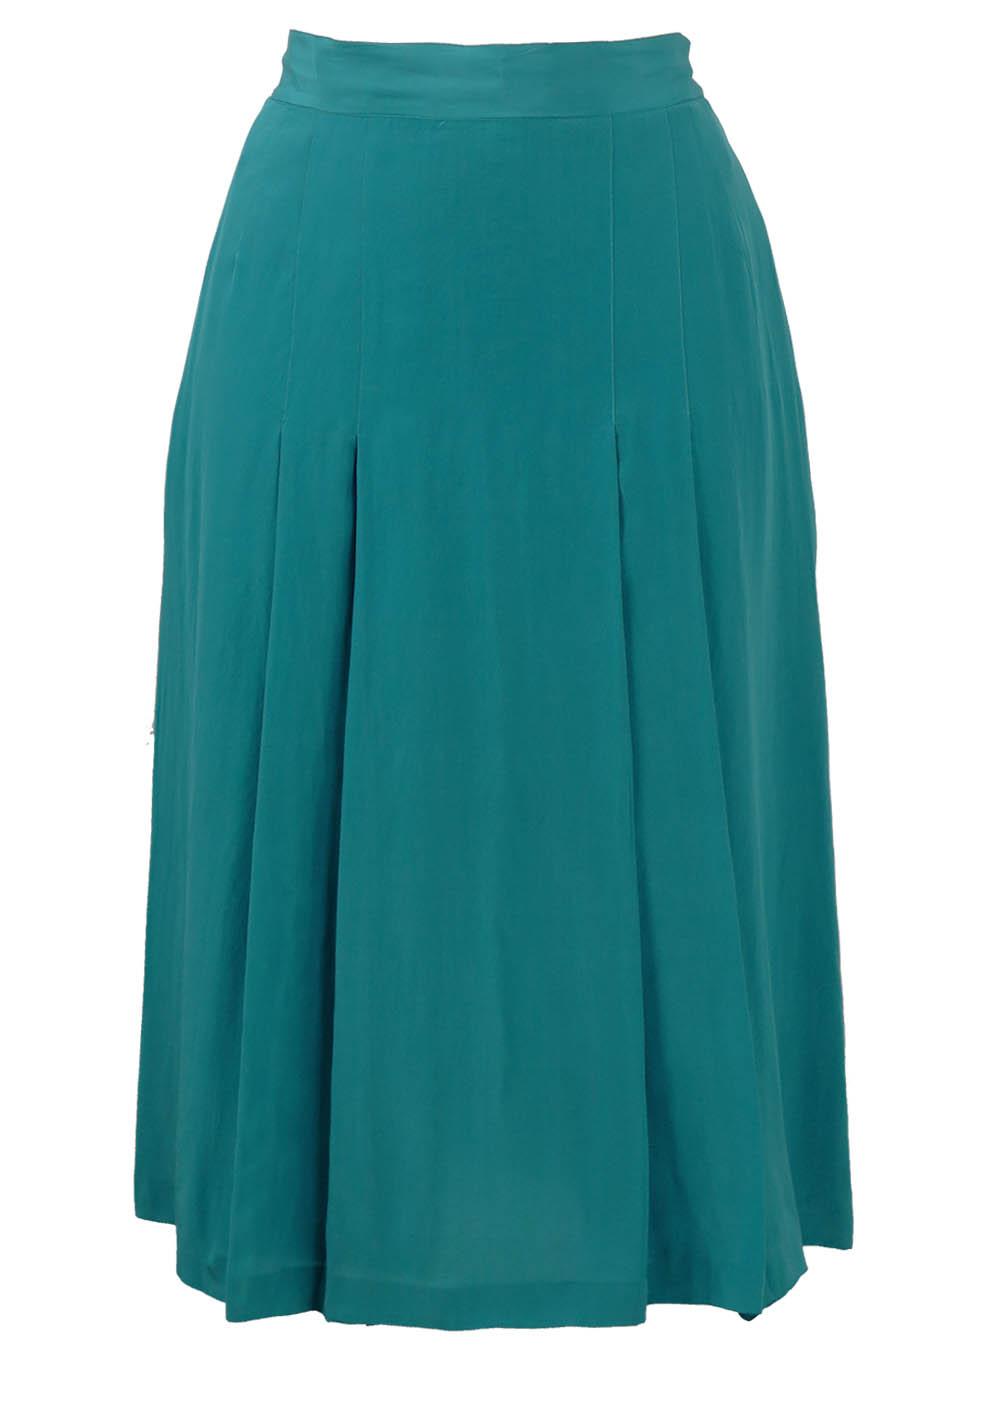 pancaldi b blue silk pleated midi skirt s vintage